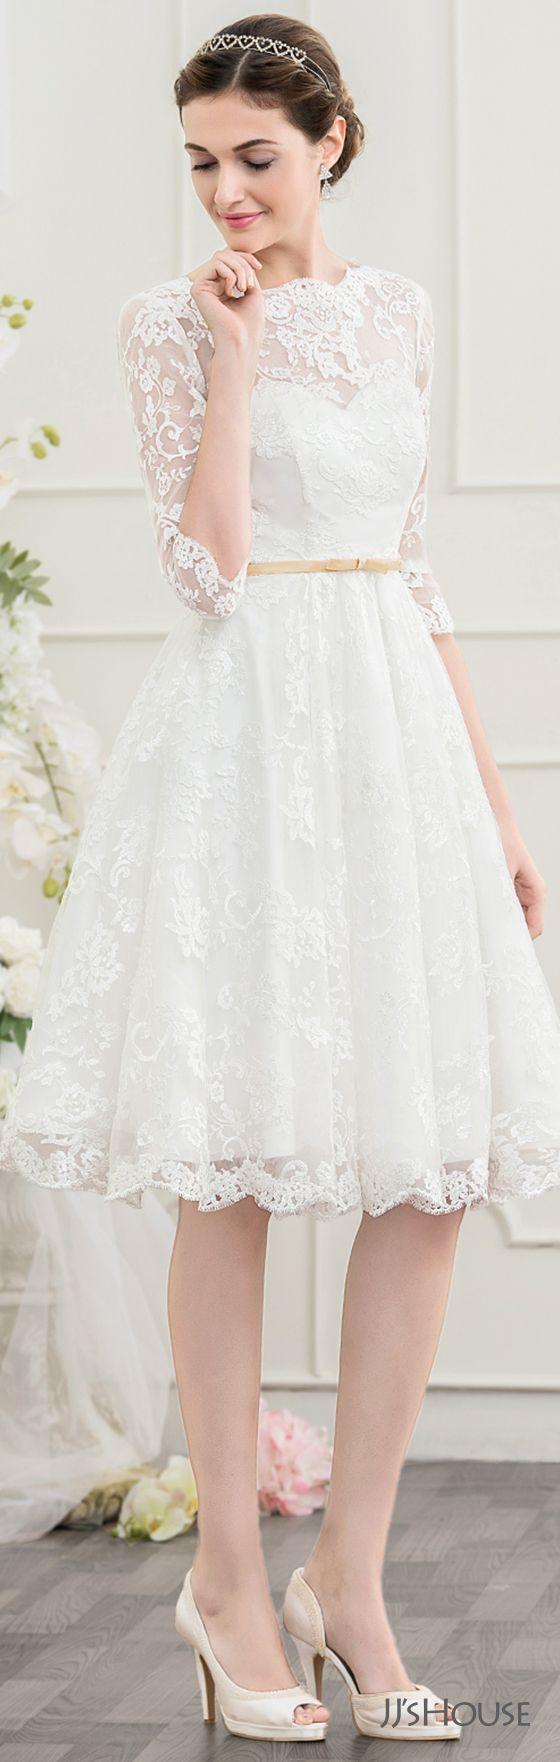 117 besten Hochzeitskleider Bilder auf Pinterest | Hochzeitskleider ...